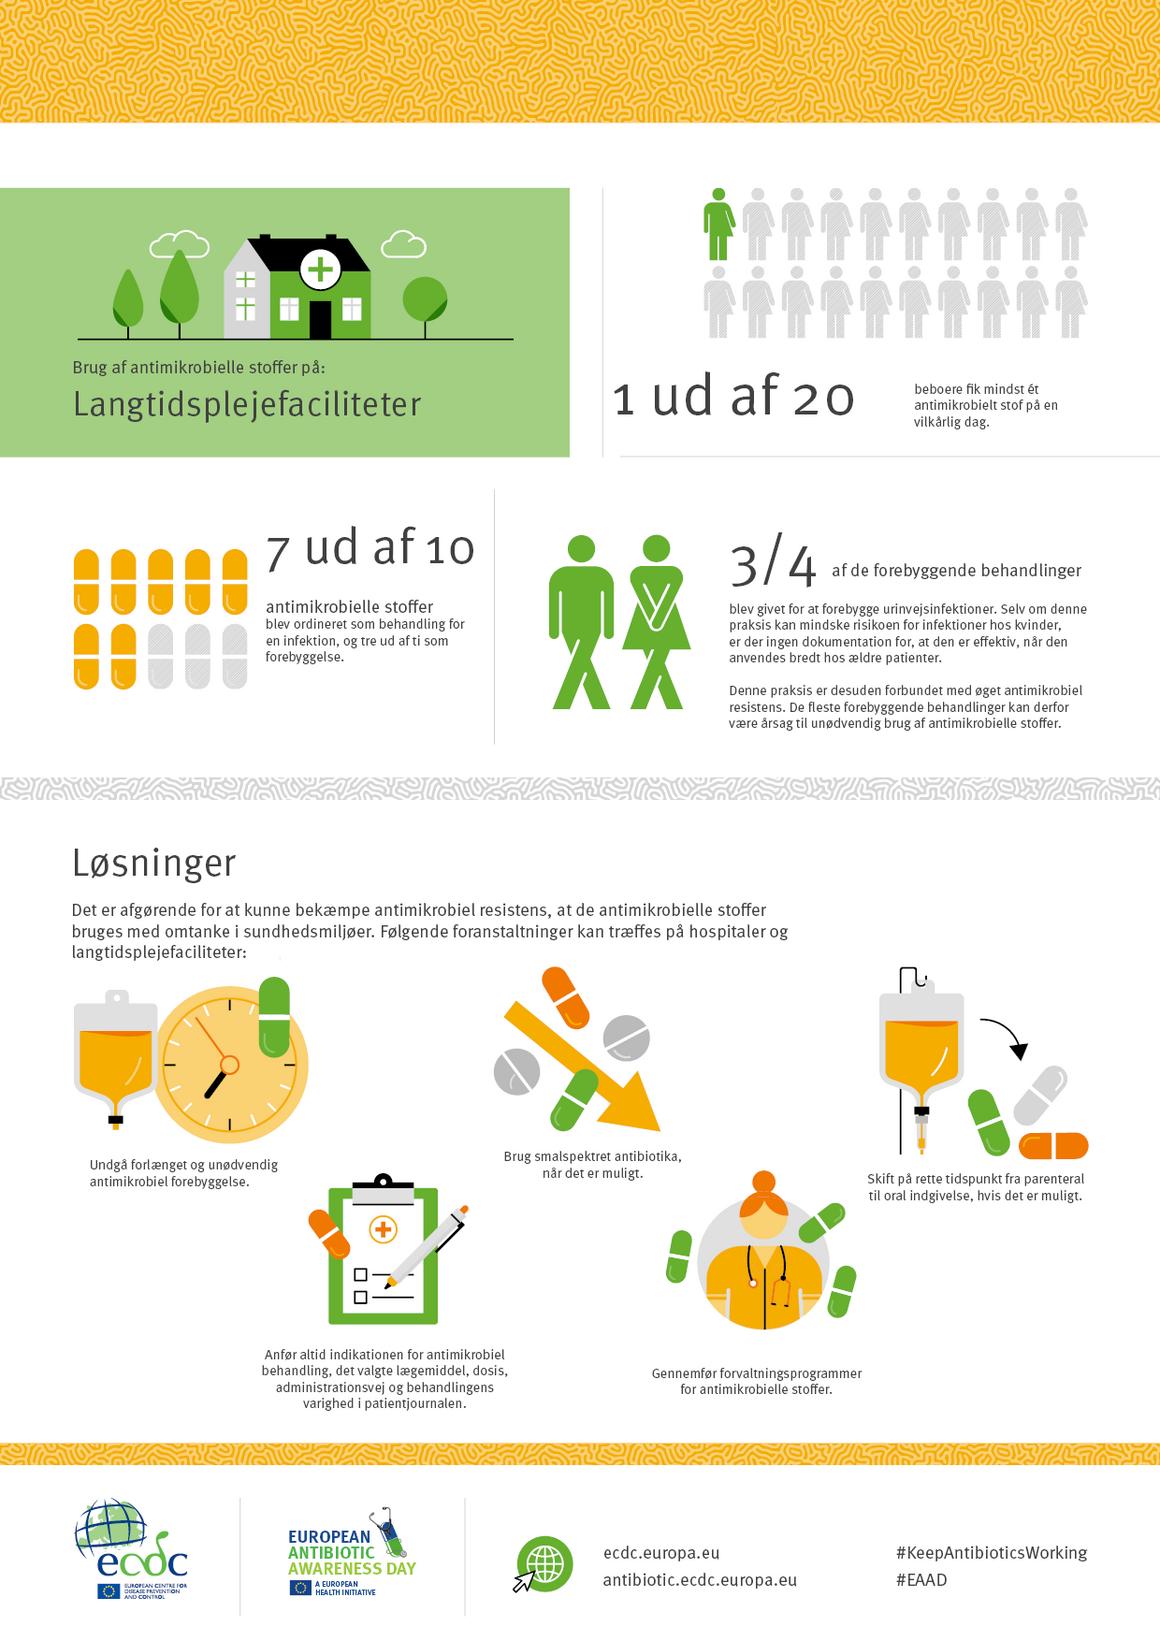 Používání antimikrobiálních látek: Zařízení dlouhodobé péče